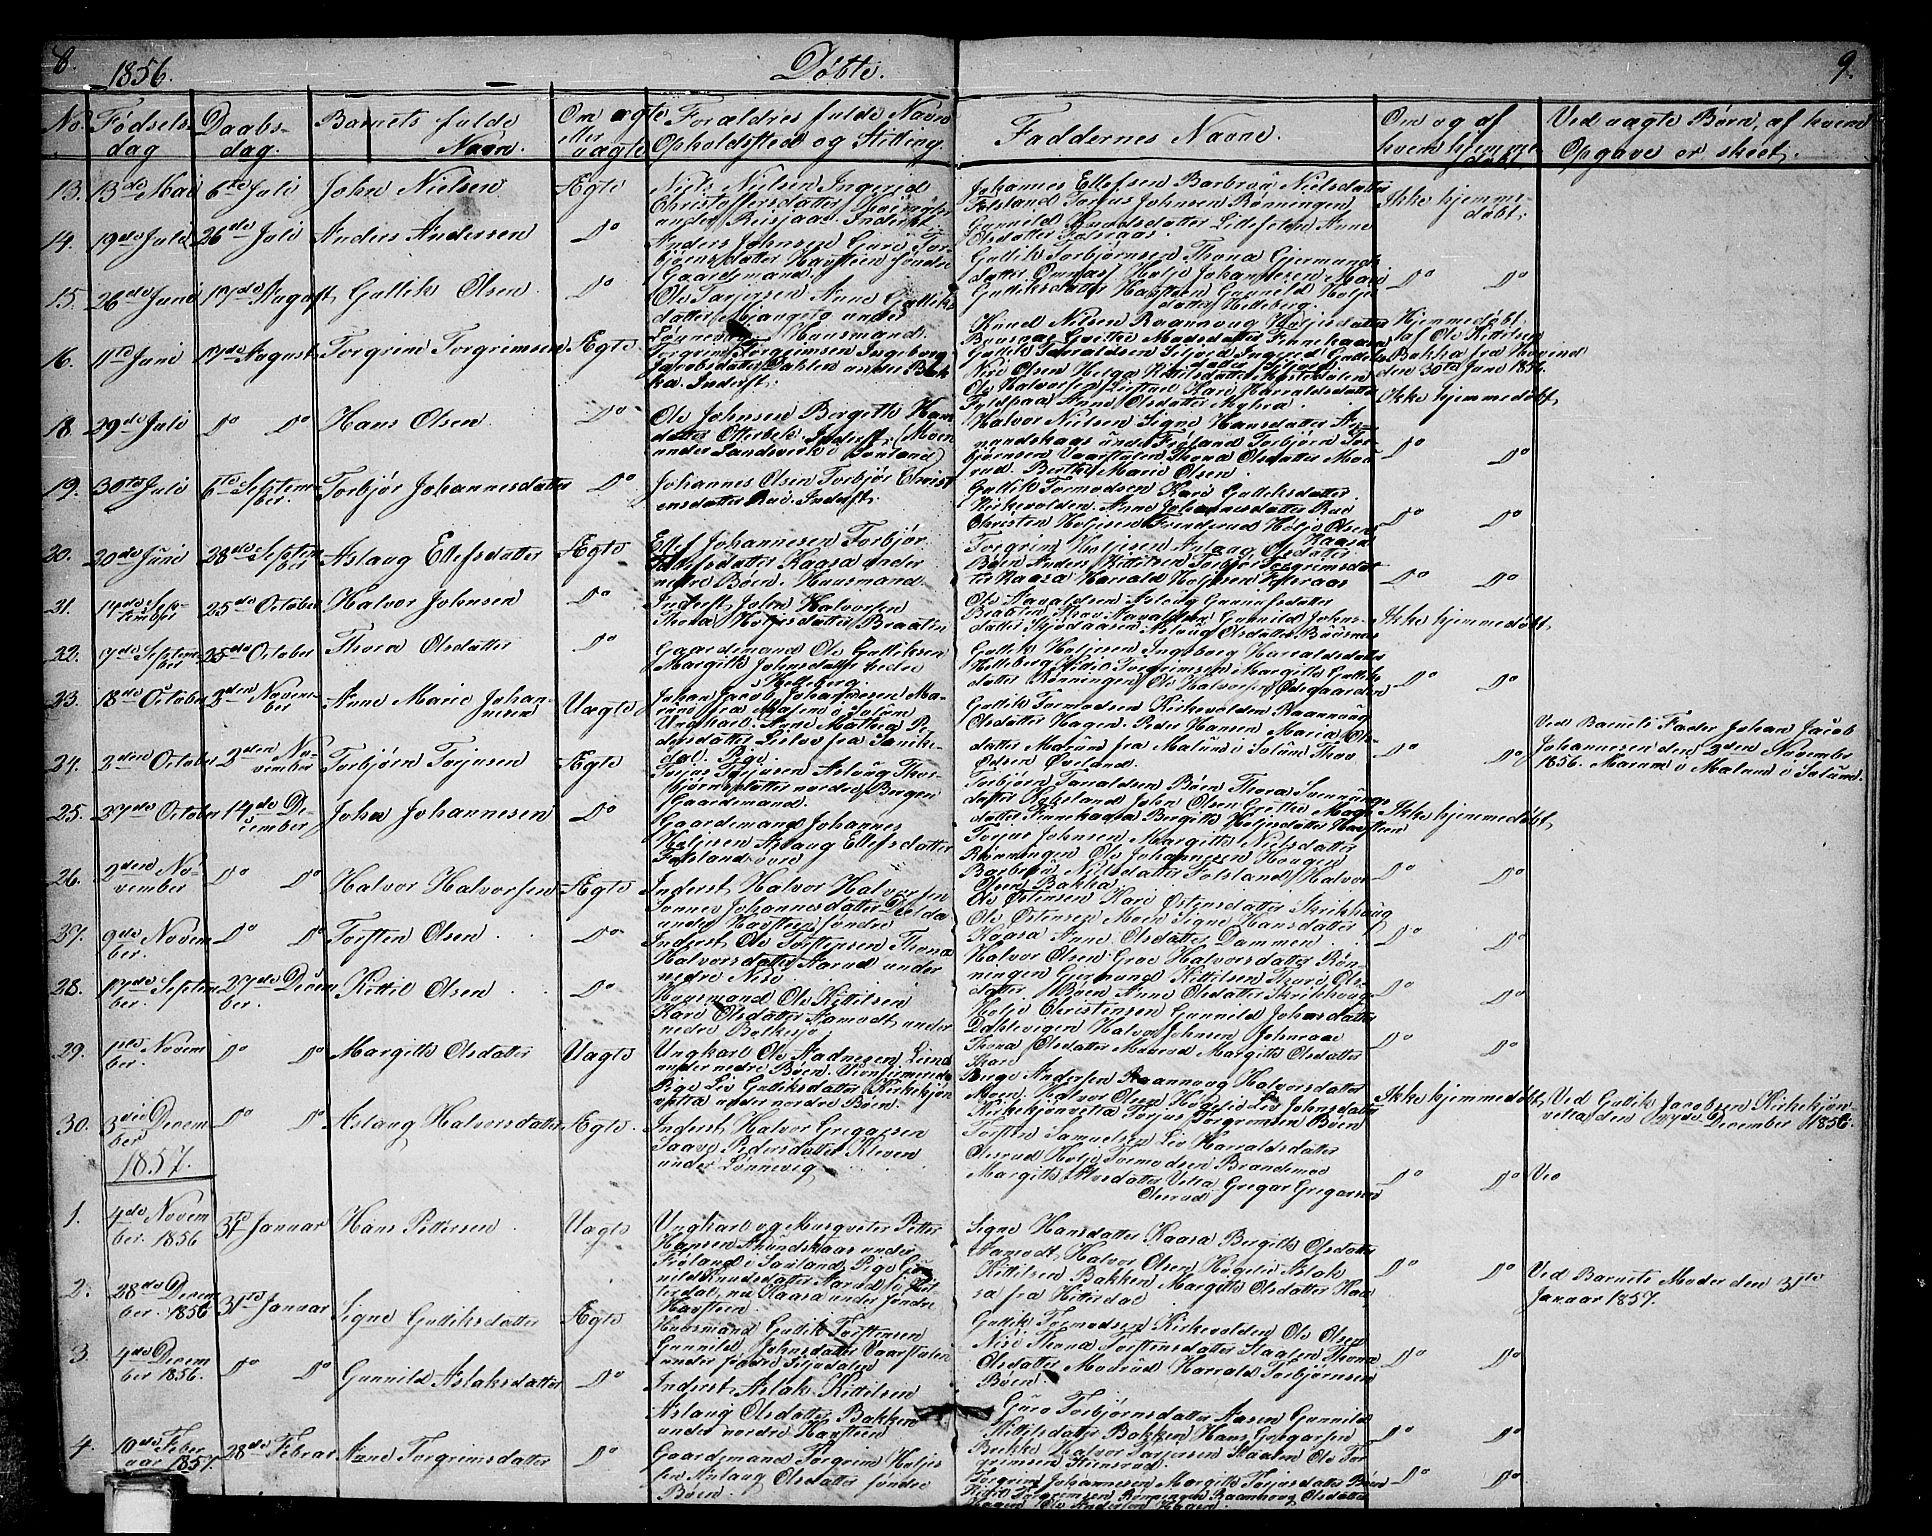 SAKO, Gransherad kirkebøker, G/Ga/L0002: Klokkerbok nr. I 2, 1854-1886, s. 8-9